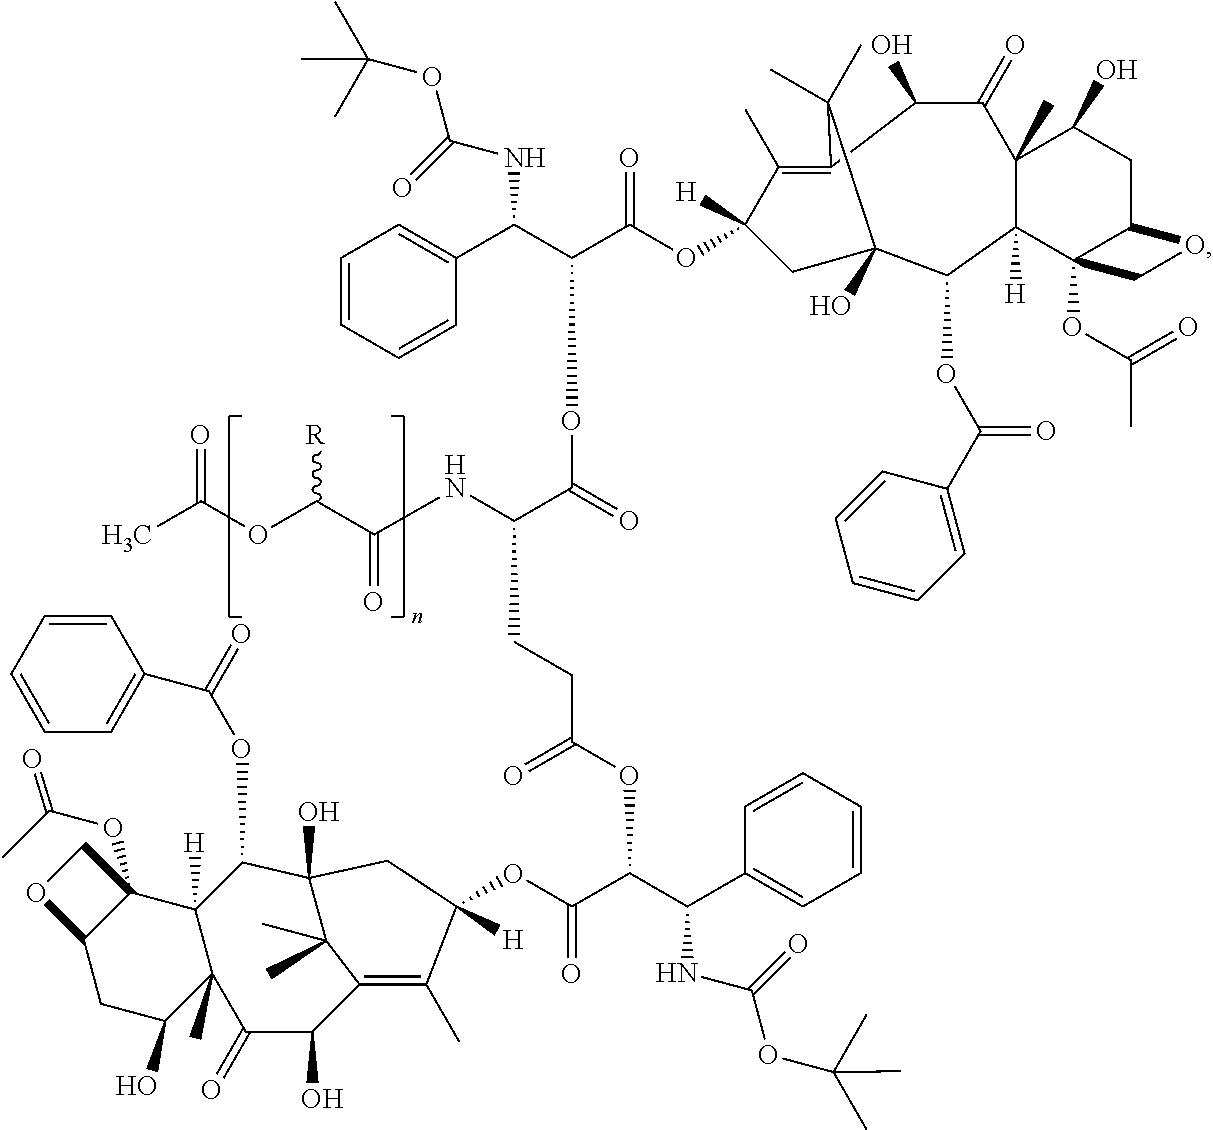 Figure US08546521-20131001-C00007